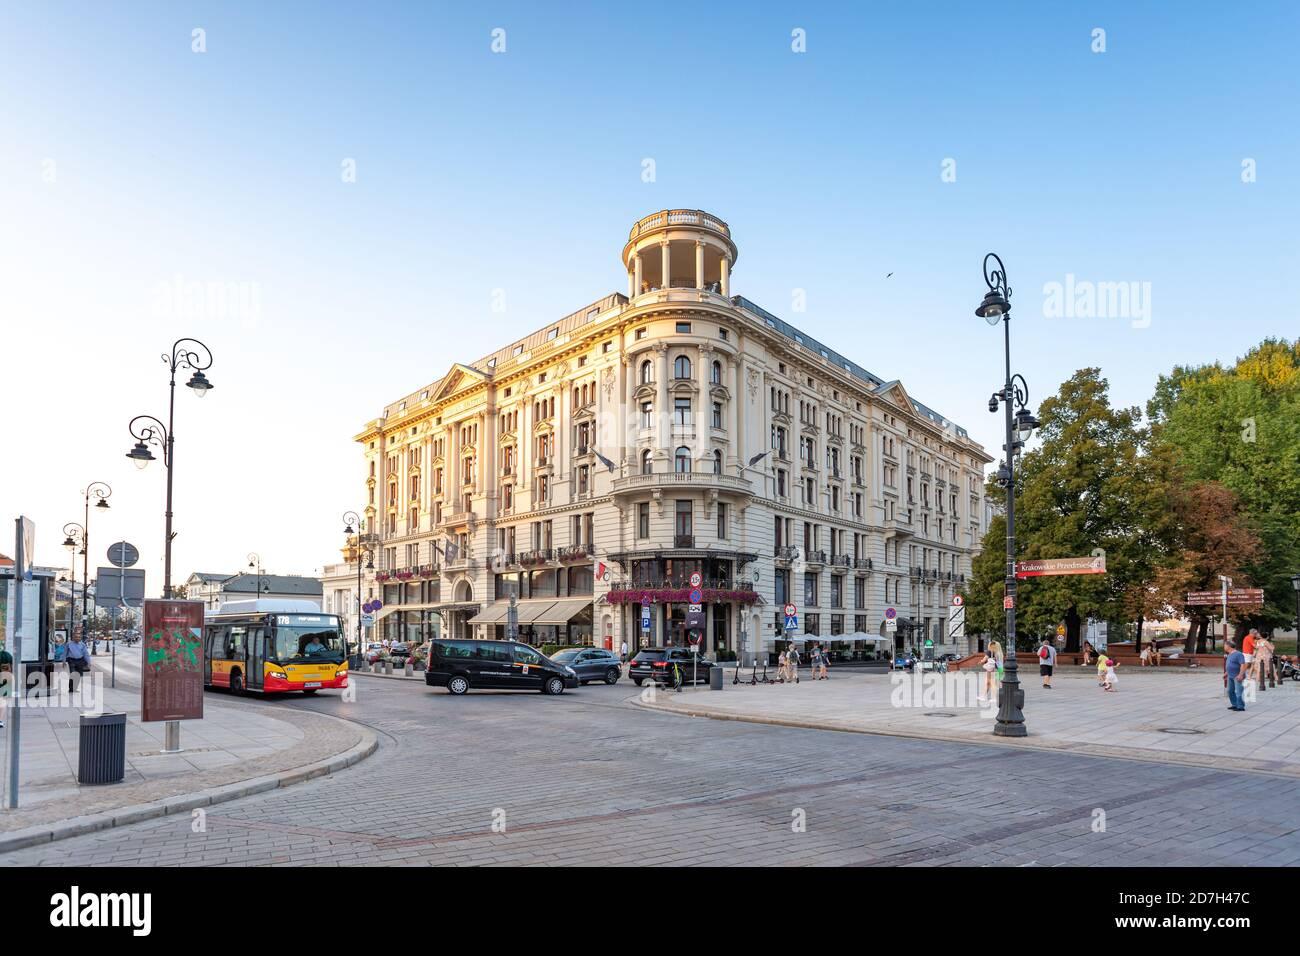 Hôtel Bristol, un hôtel de luxe - Varsovie Banque D'Images